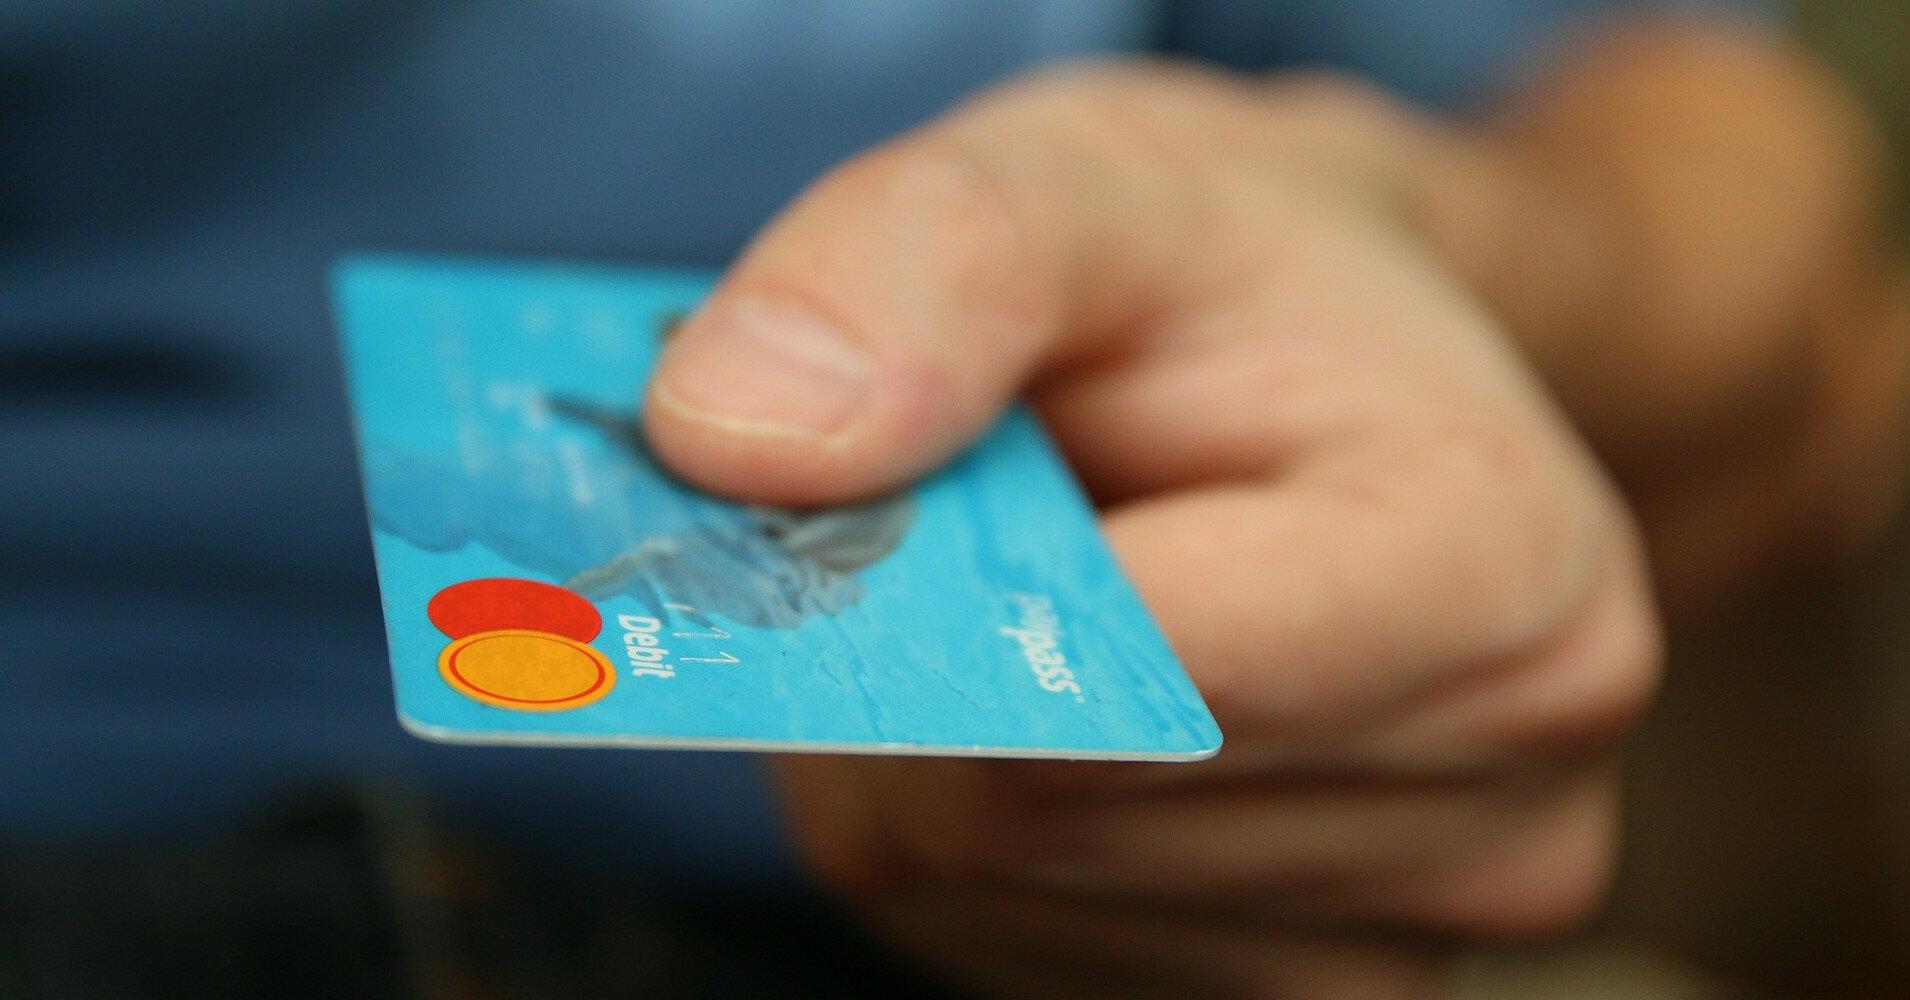 Почему ПриватБанк может заблокировать вашу карточку: 7 причин